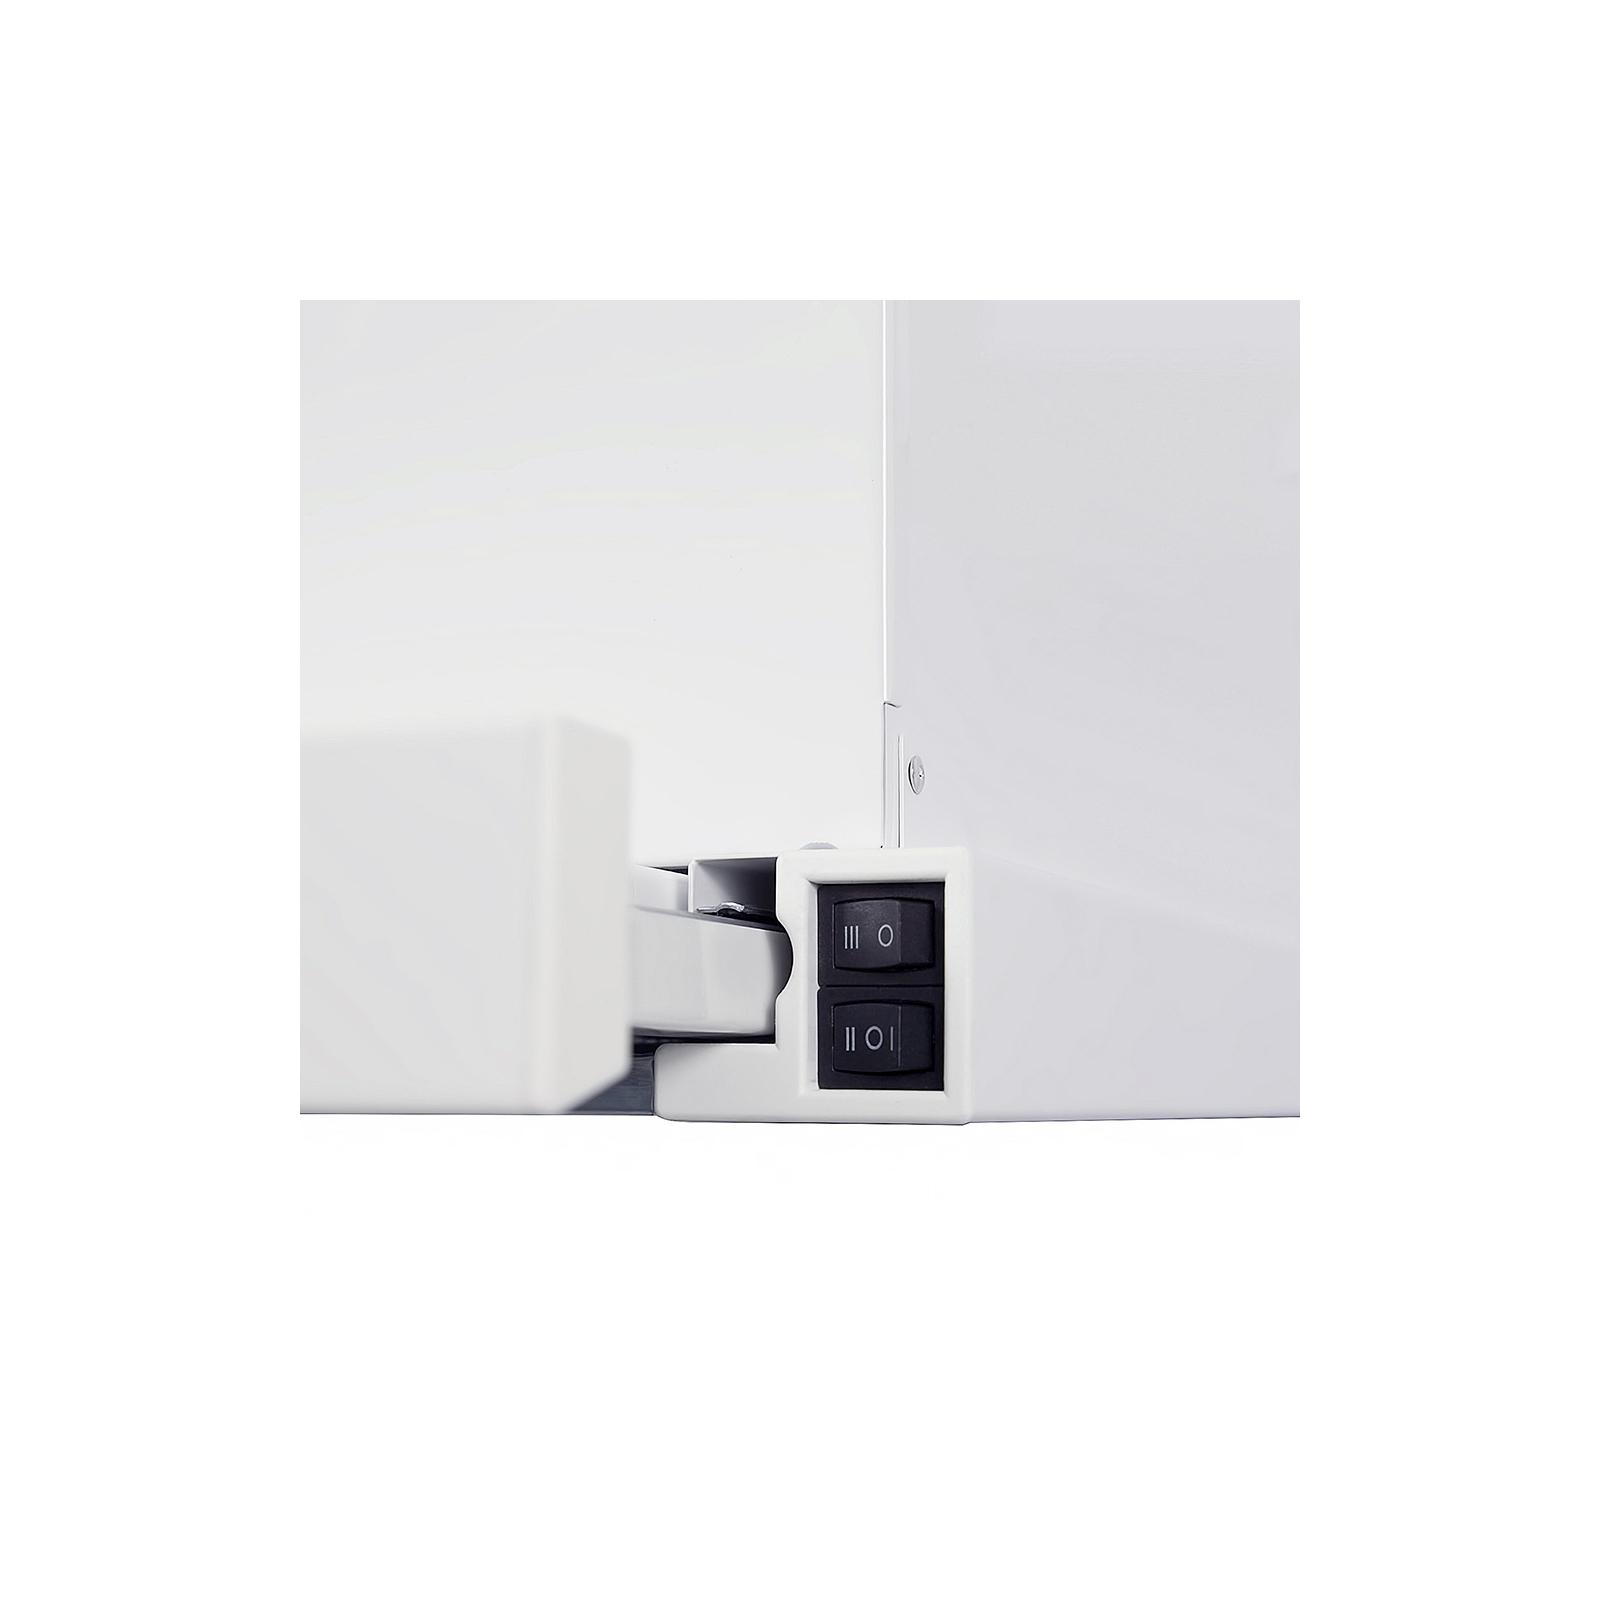 Вытяжка кухонная PERFELLI TL 6410 I изображение 3